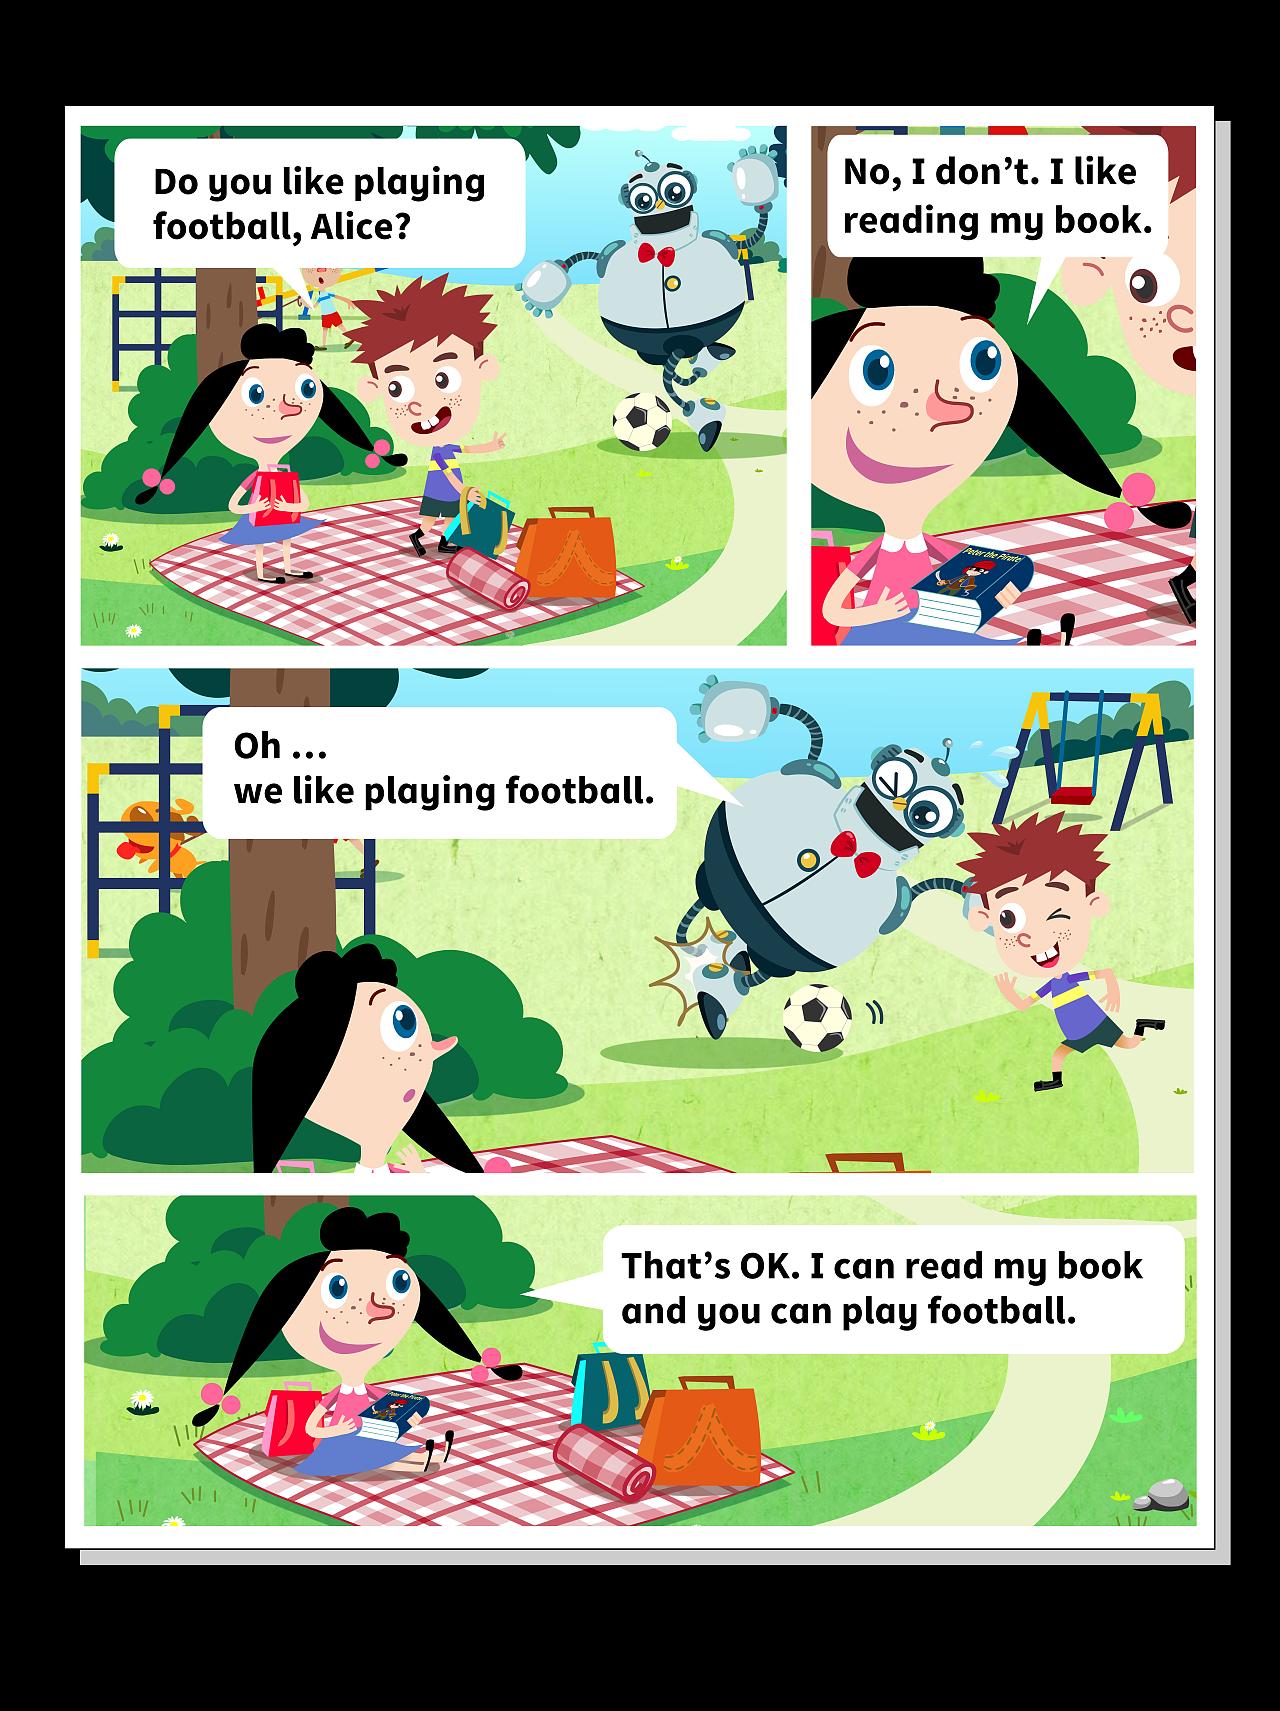 英语教材配图漫画太过分别漫画图片